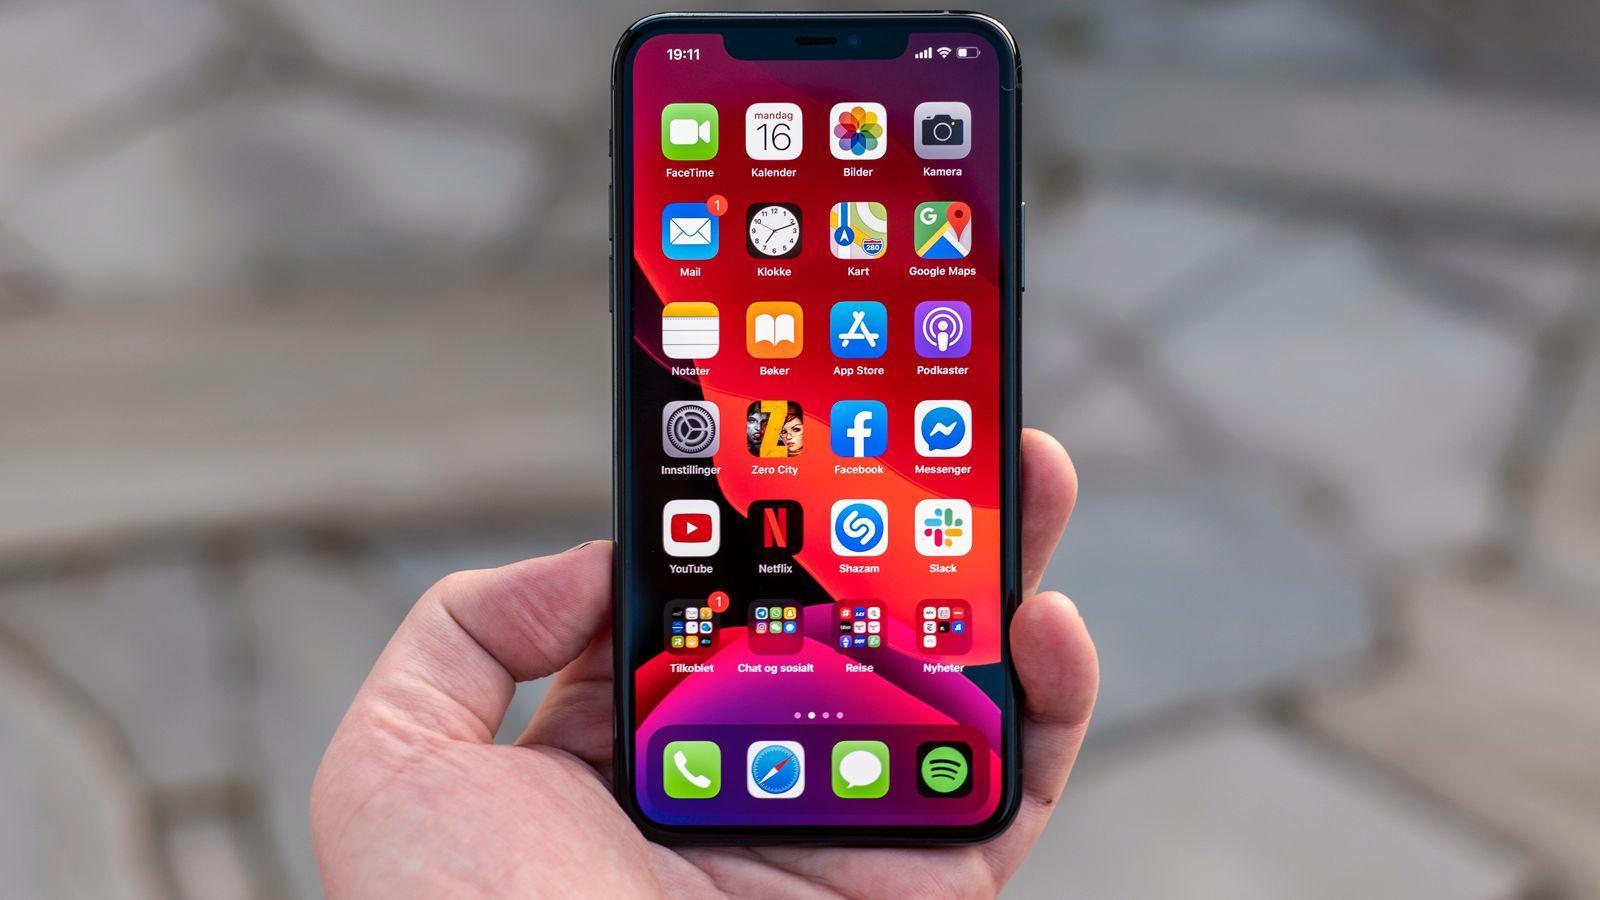 Apple skal ha betalt Samsung 950 millioner dollar fordi de trengte færre OLED-paneler enn opprinnelig antatt. Betalingen kan ha utgjort forskjellen på tap eller overskudd for Samsungs skjermavdeling.